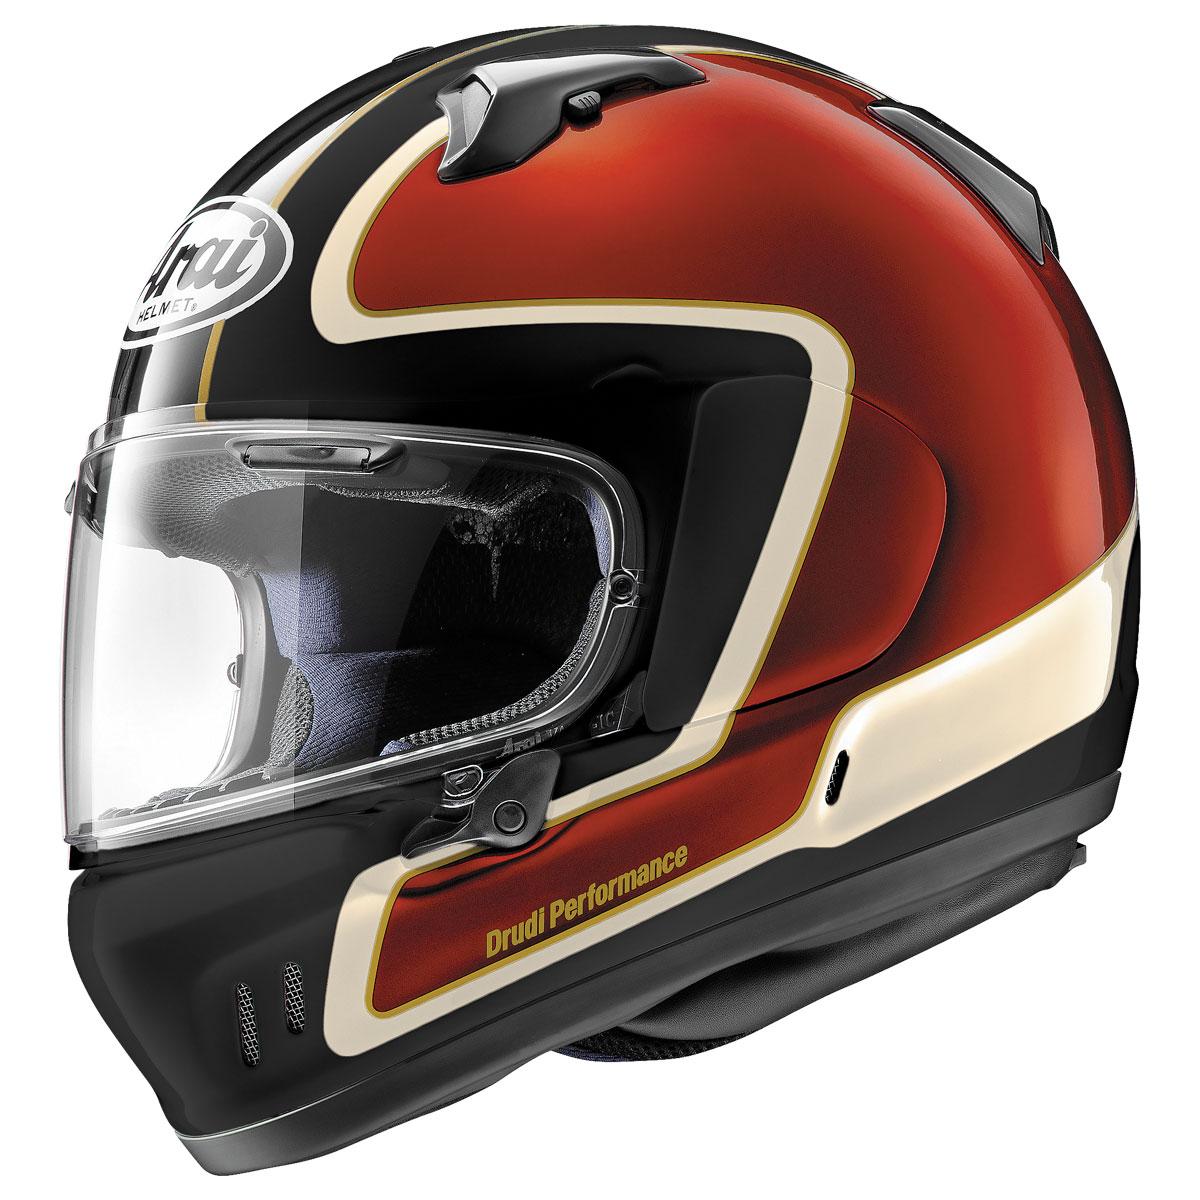 Arai Defiant-X Outline Red Full Face Helmet